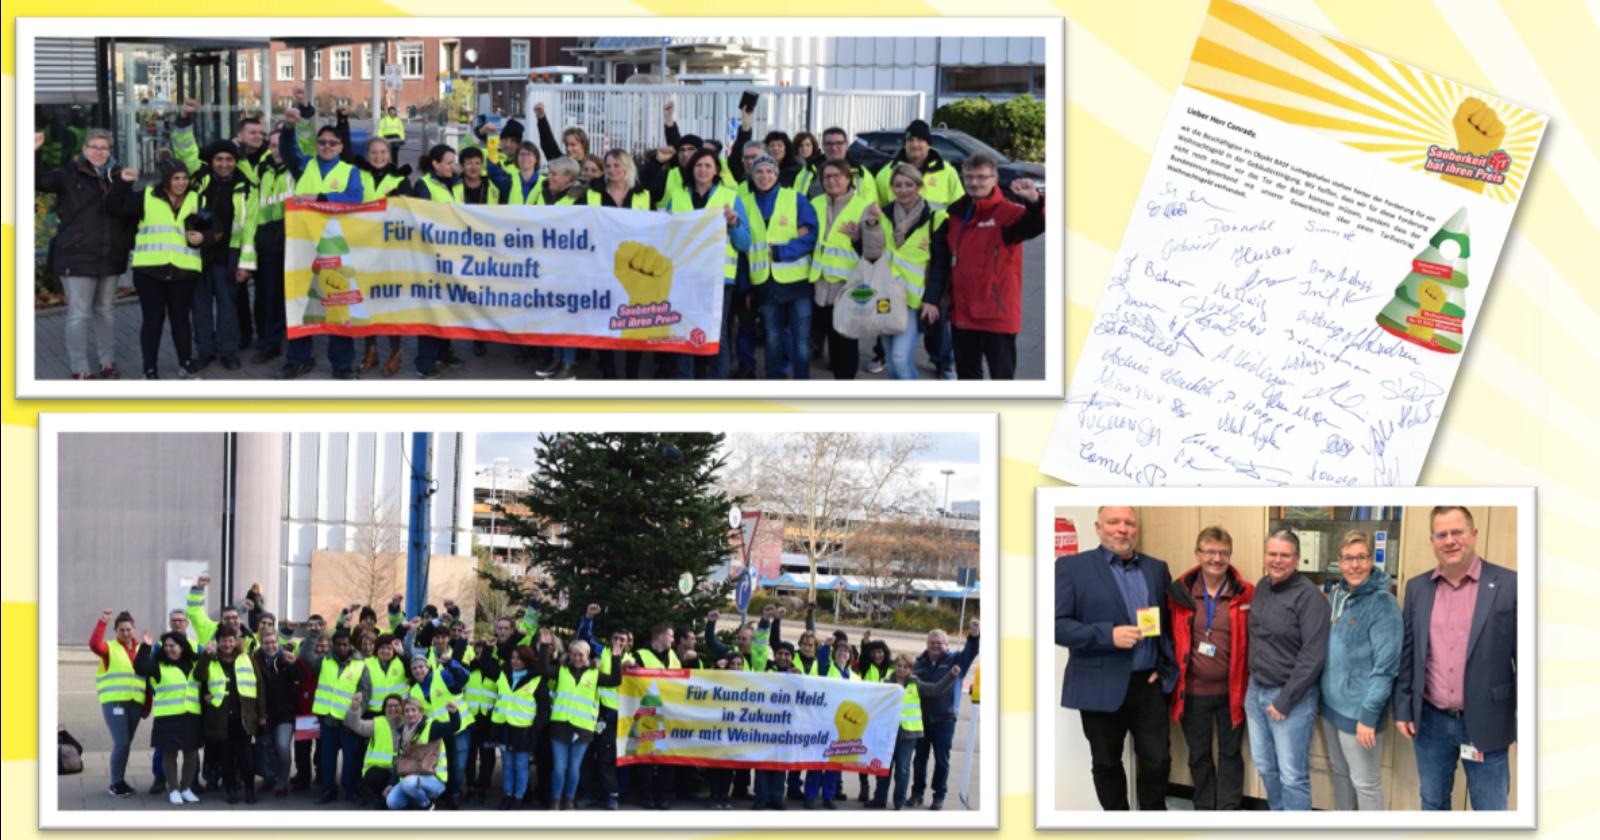 Betriebsrat von BASF steht hinter der Forderung für ein Weihnachtsgeld für Beschäftigte der Gebäudereinigung.